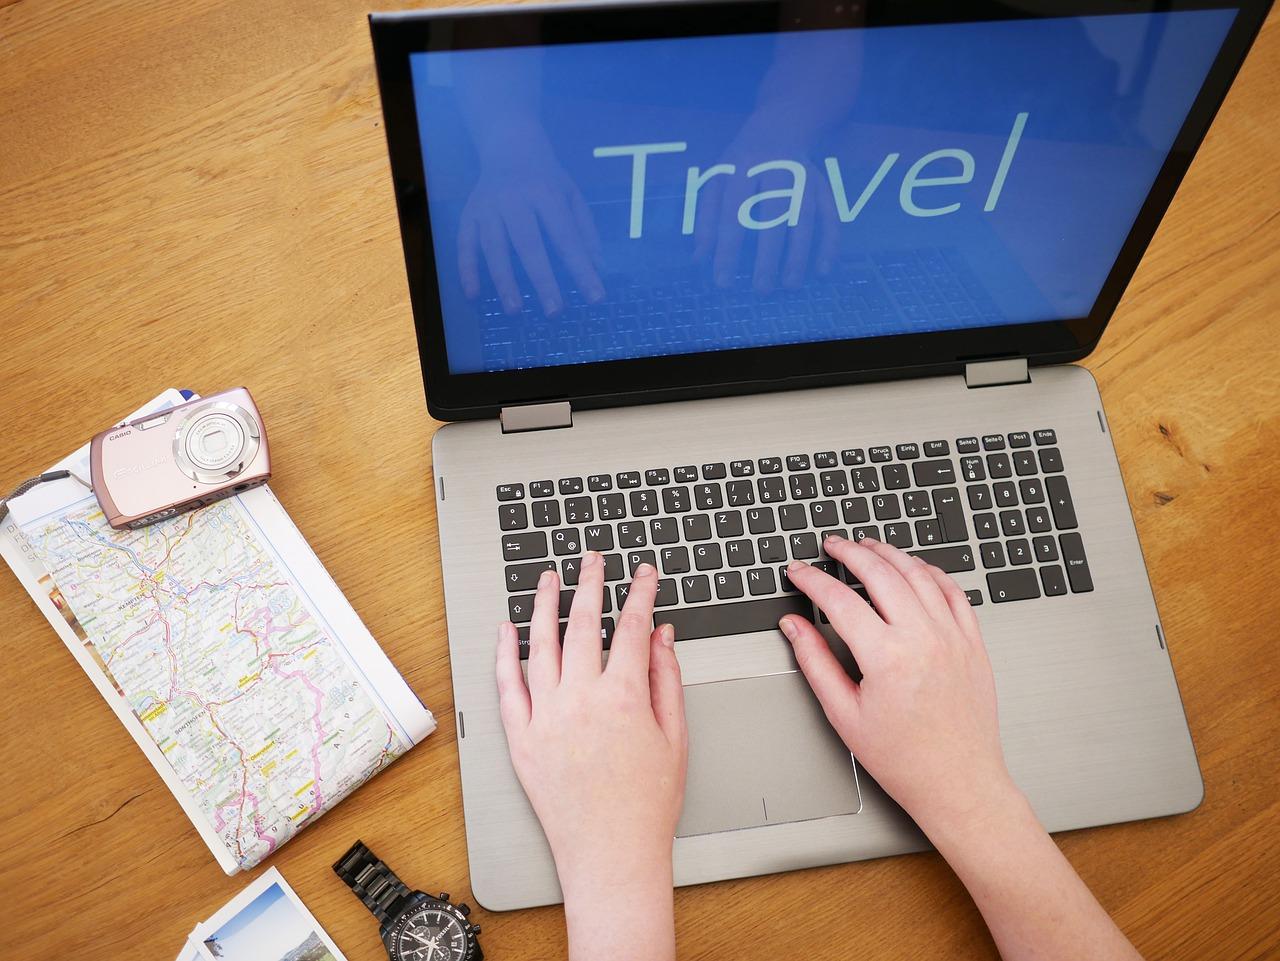 ХОТРЕК с писмо до Booking: Не е коректно да се четат писмата на хотелите с клиентите